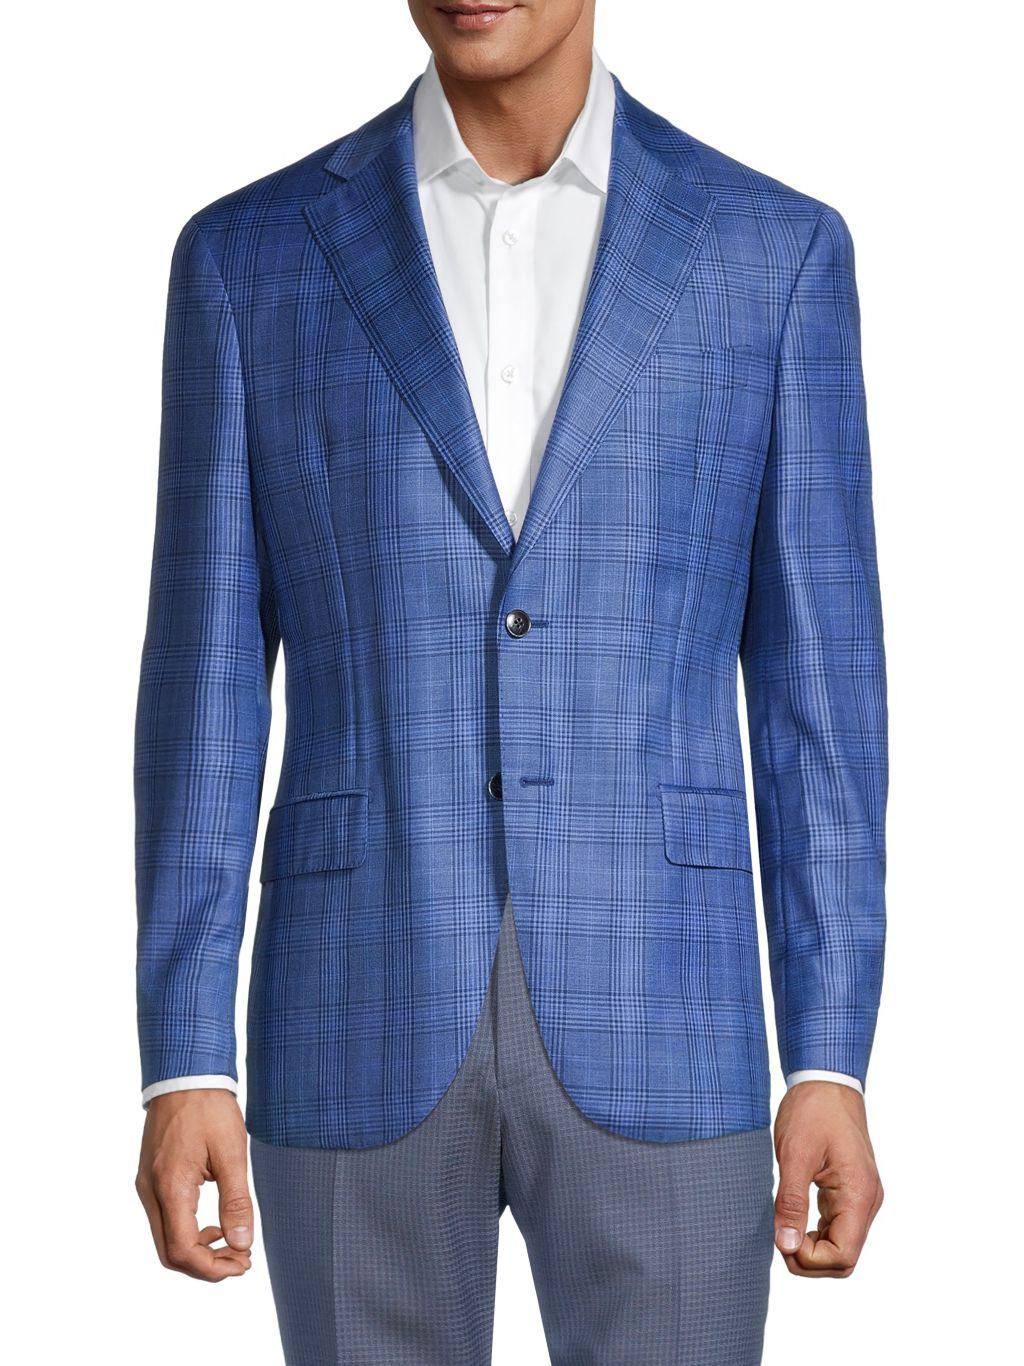 Lubiam Standard-Fit Plaid Virgin Wool Jacket